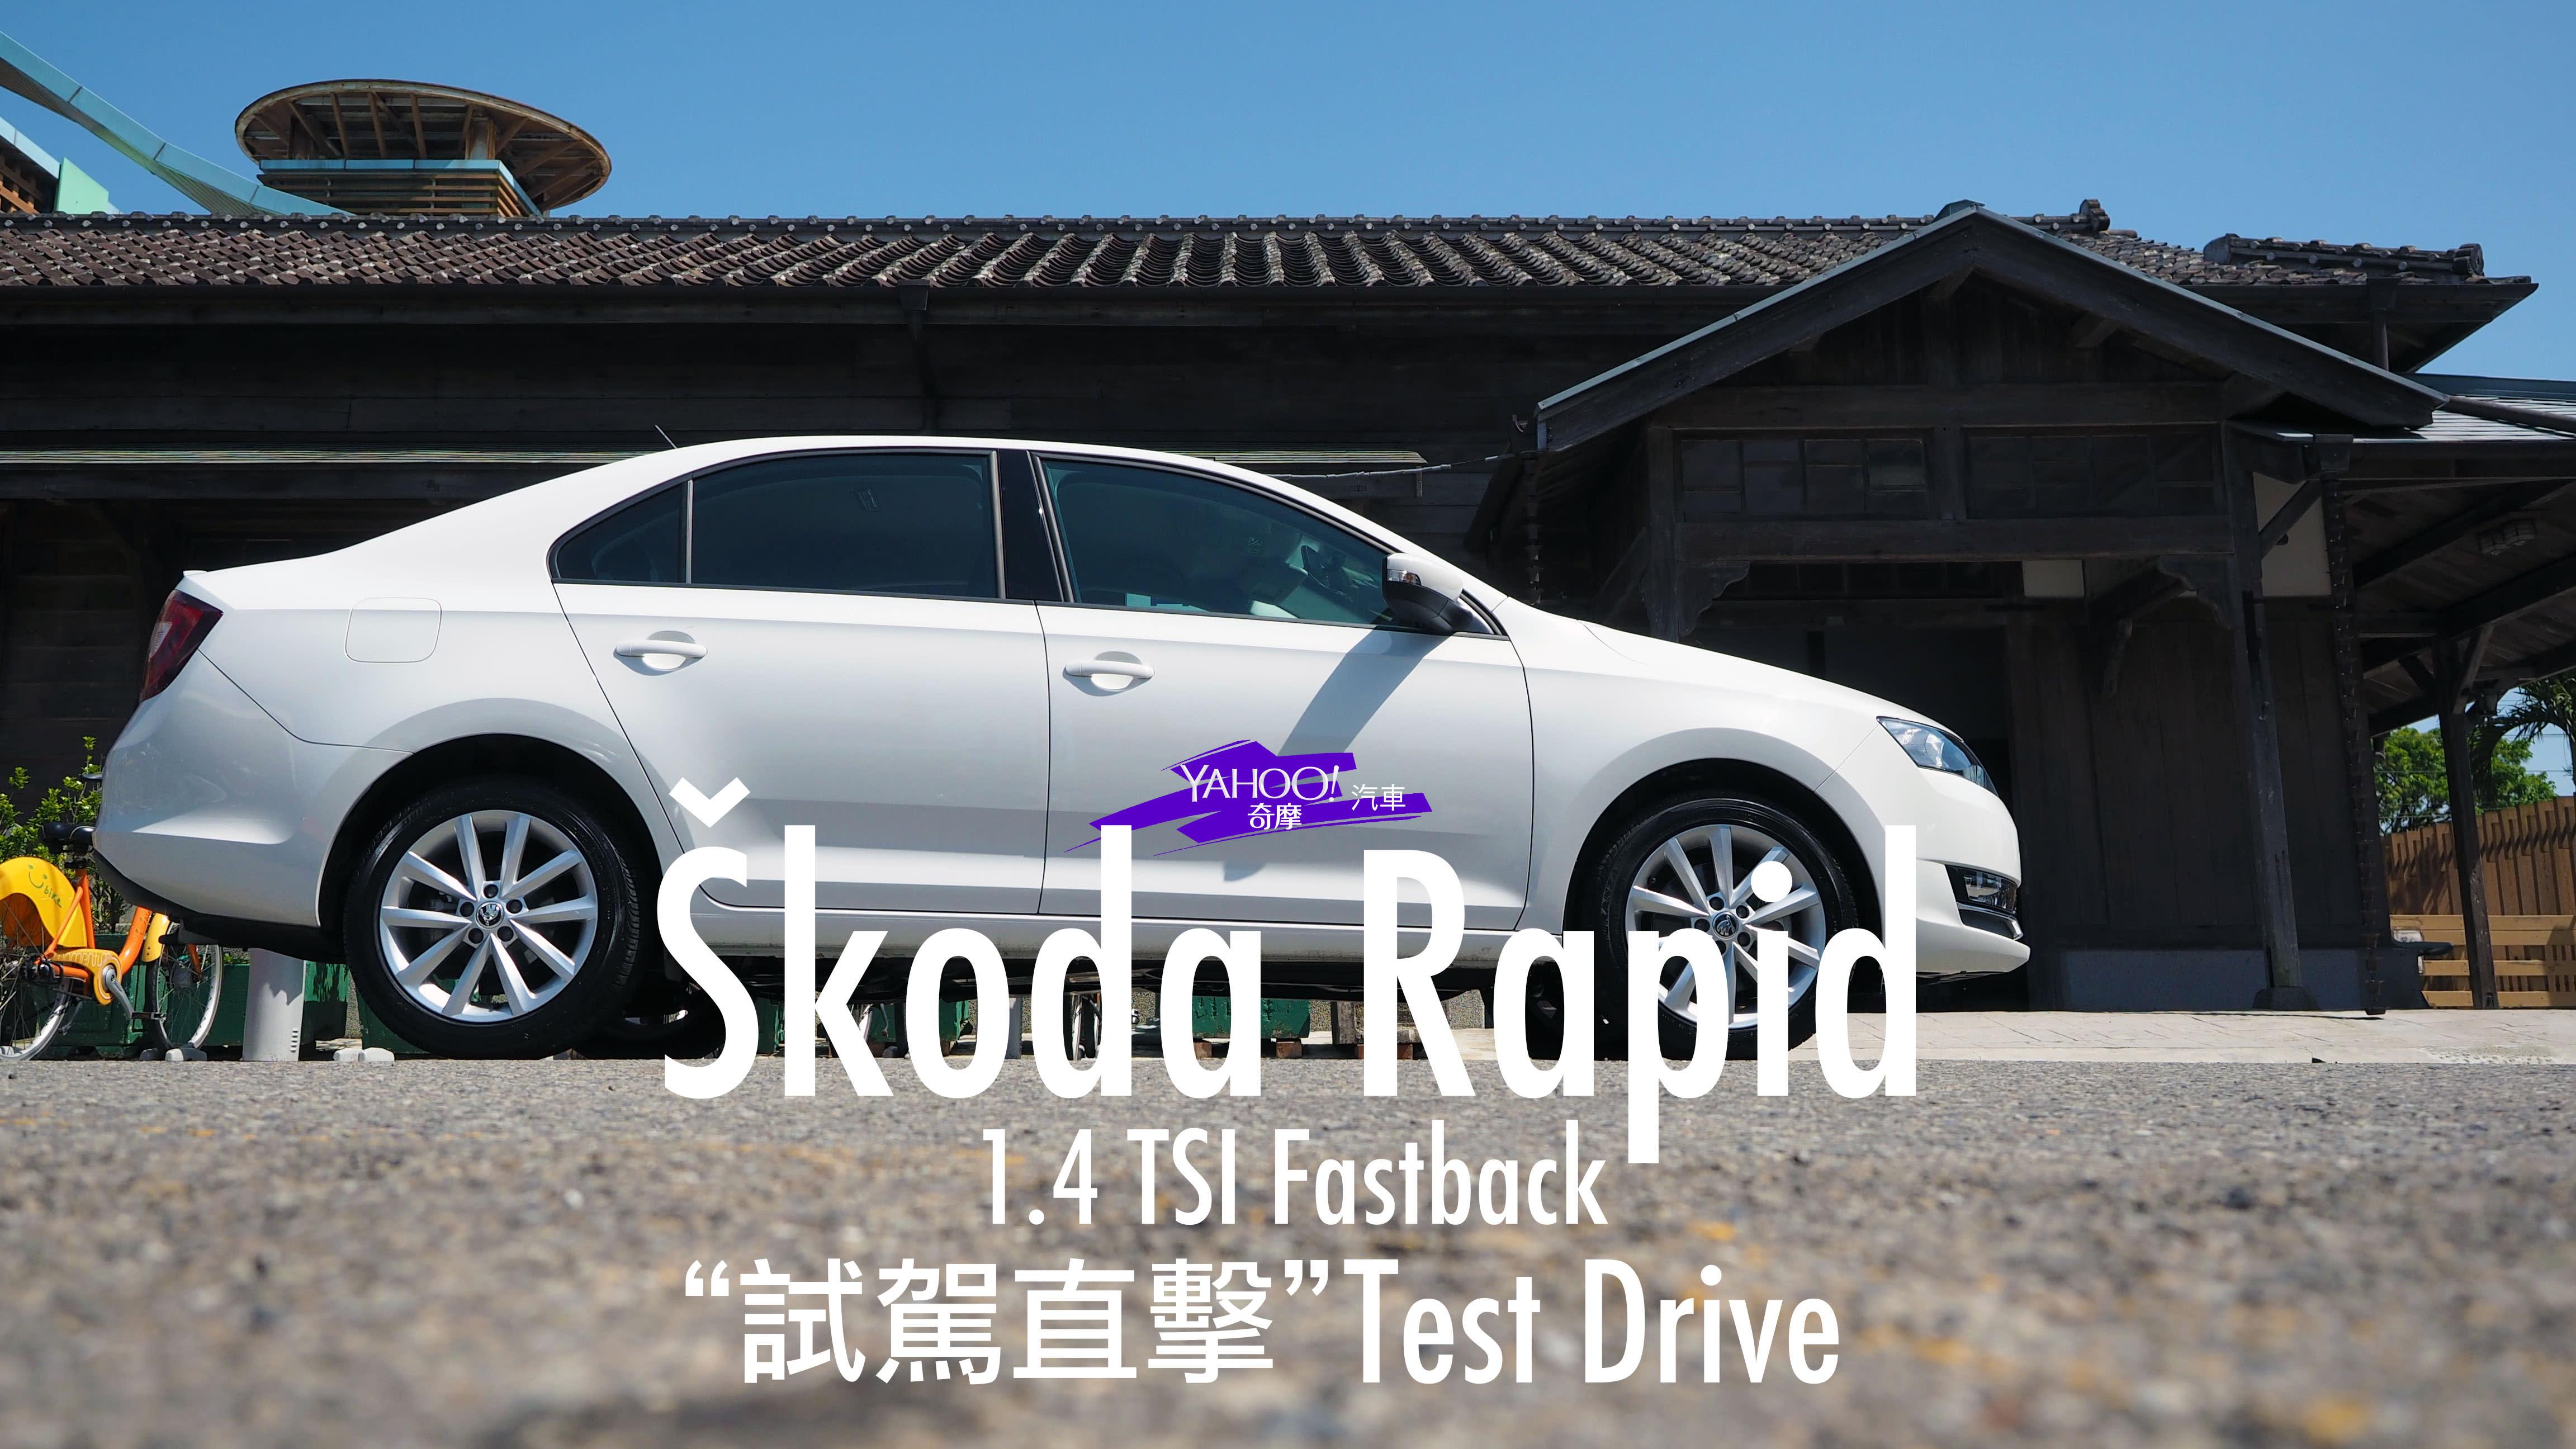 【試駕直擊】這款房車「狠」實在!2018 Skoda Rapid 1.4TSI Liftback新竹試駕